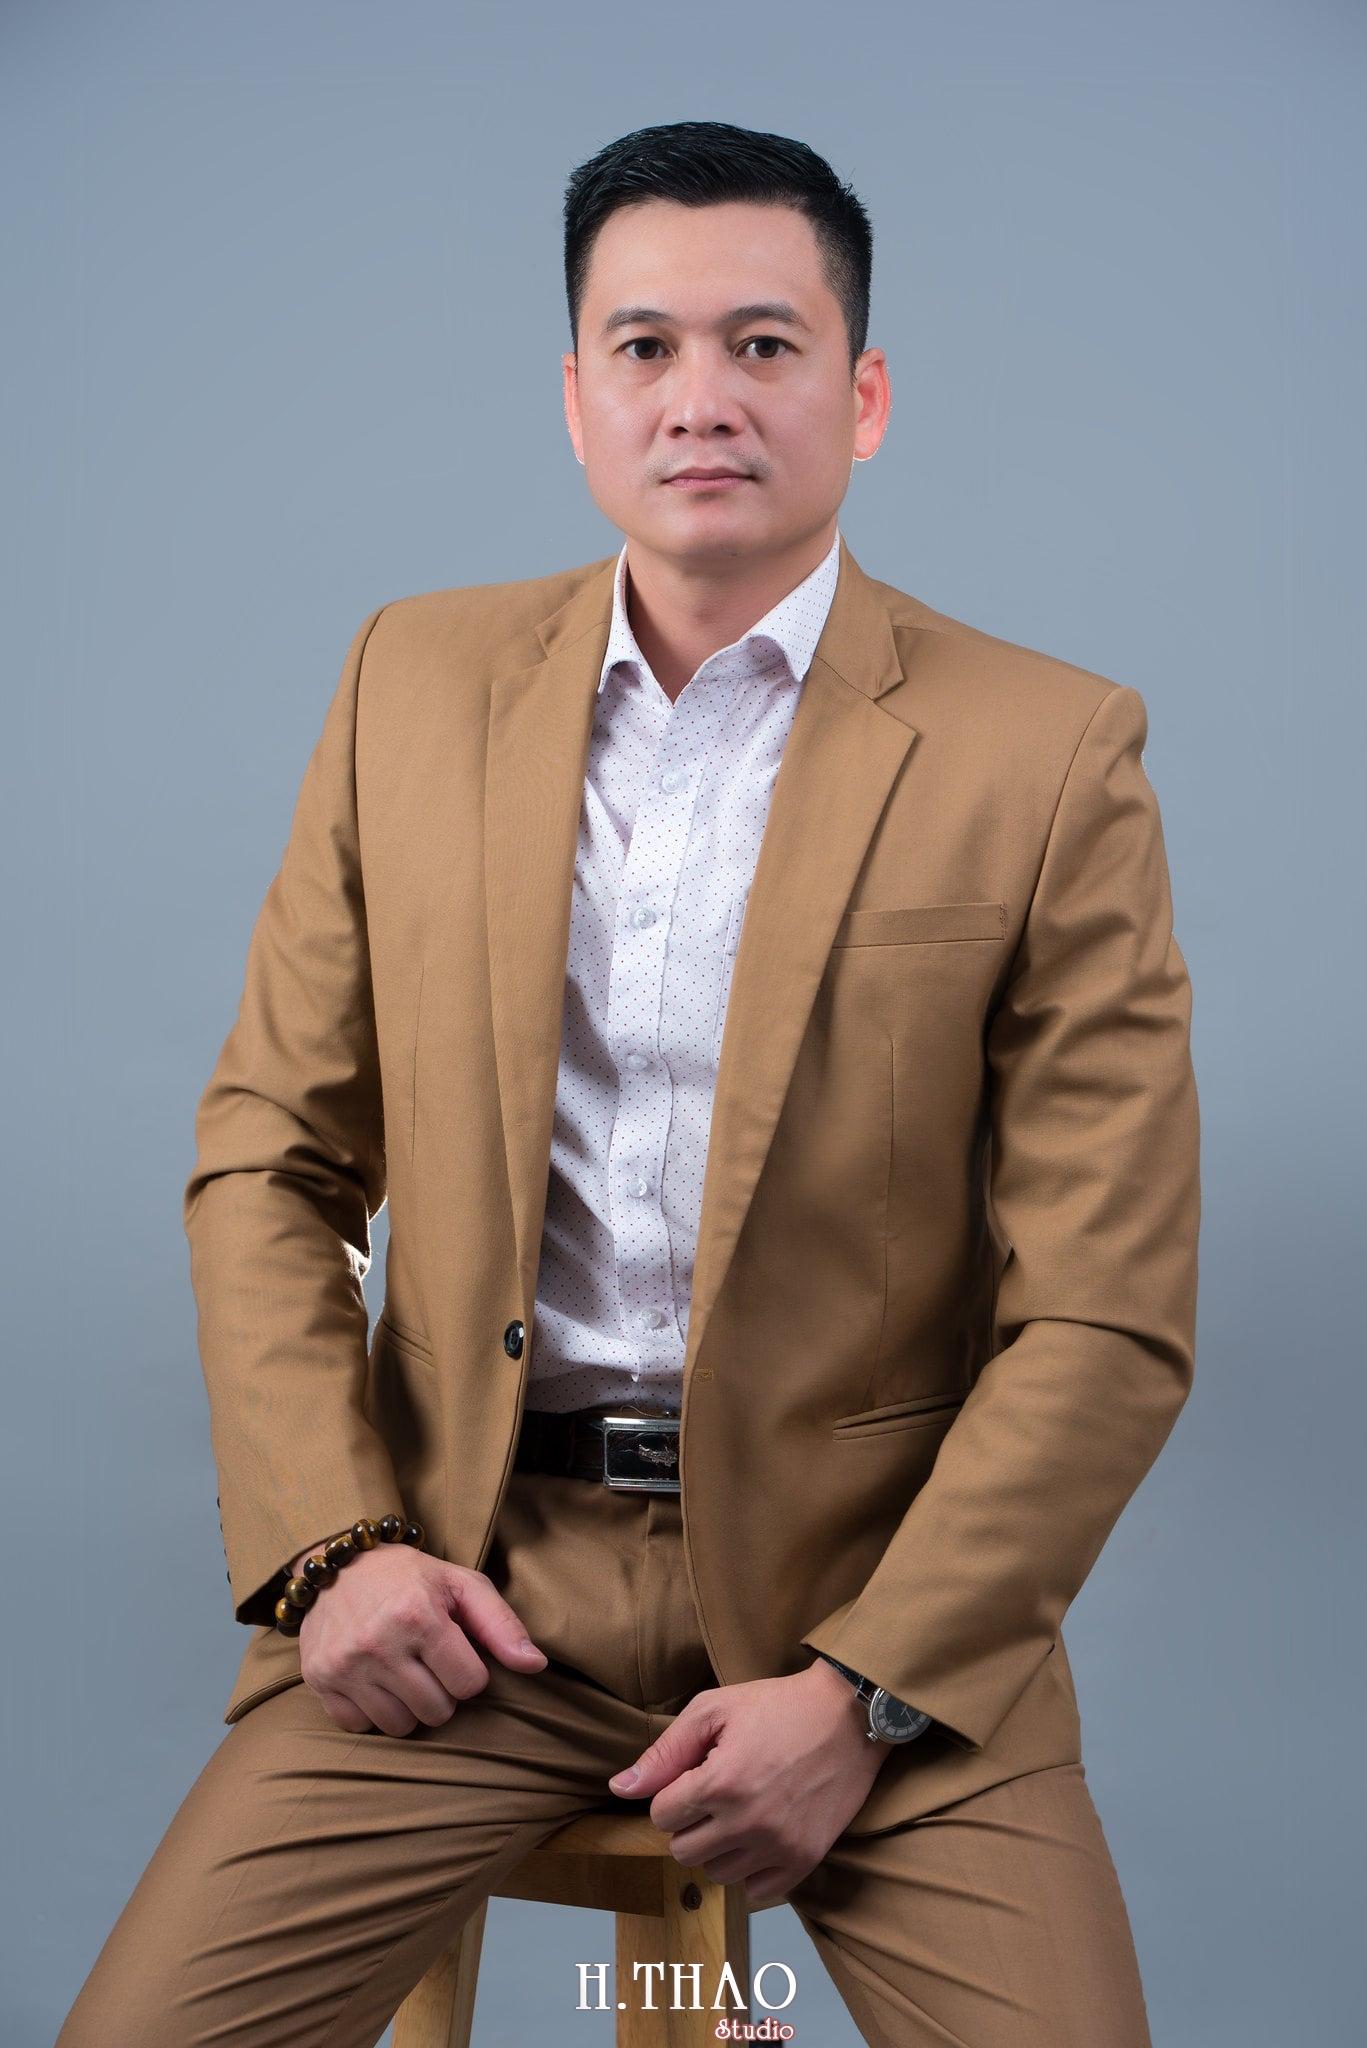 nh nam doanh nhân lịch lãm - Album ảnh chuẩn phong cách doanh nhân Hưng Nguyễn - HThao Studio